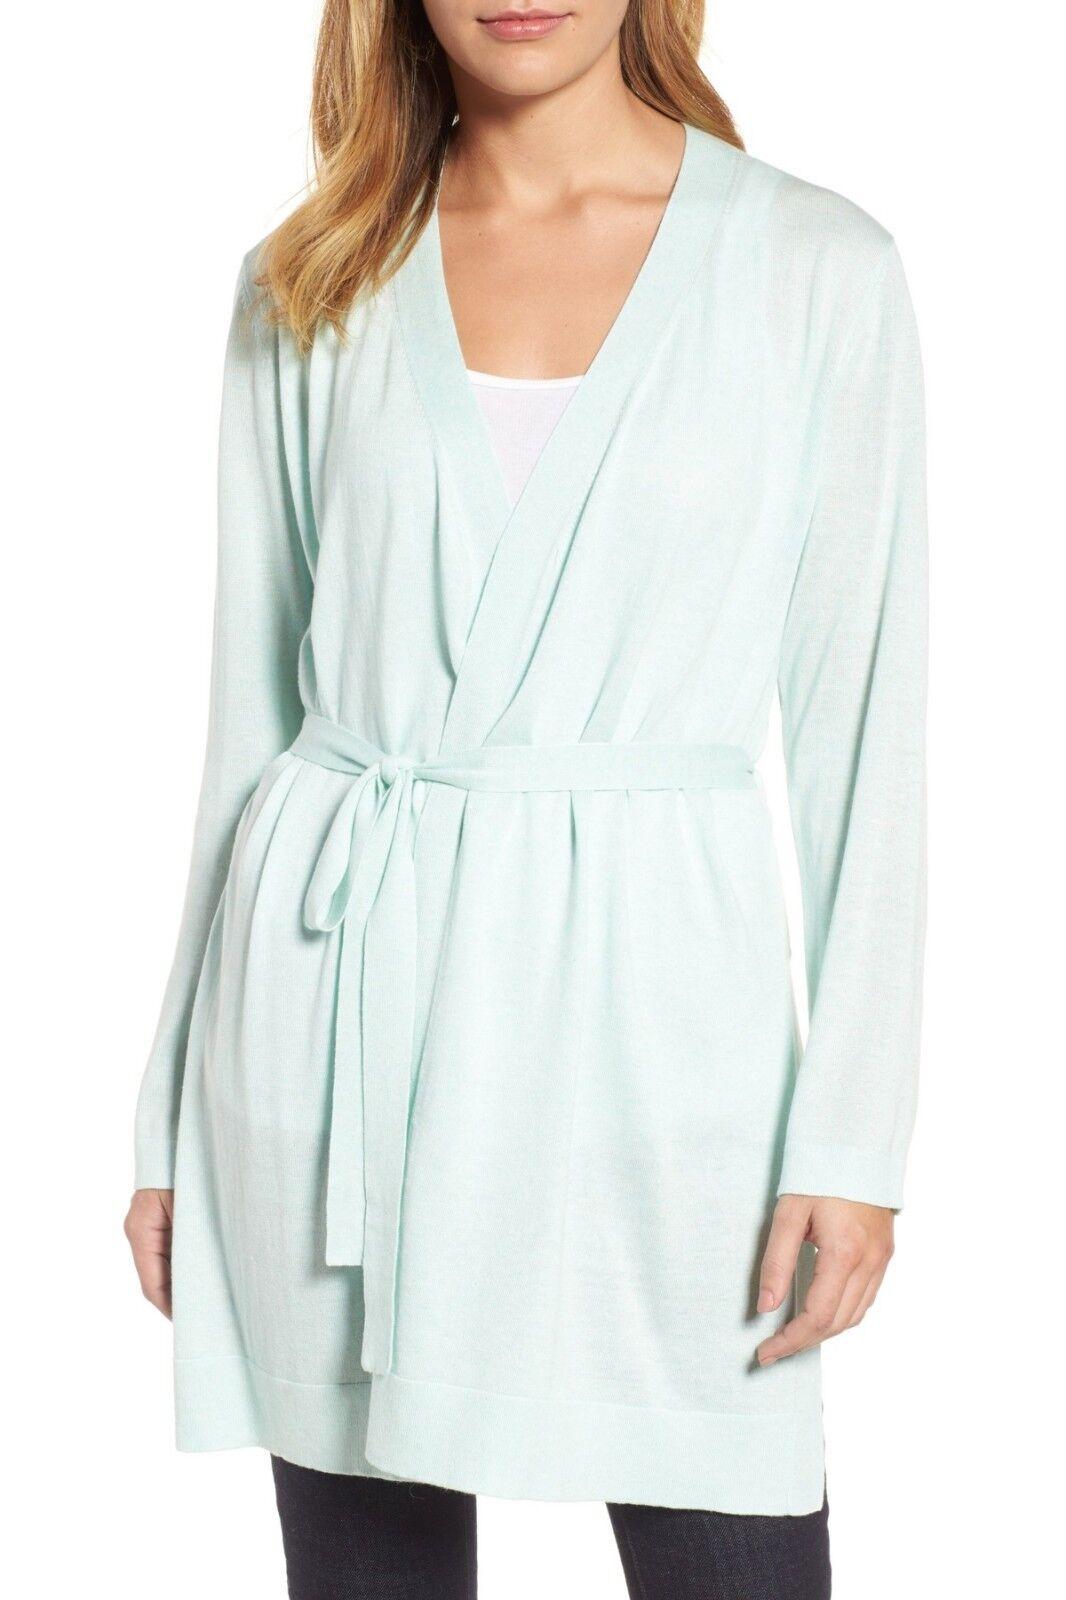 Eileen Fisher Arora glidas Waist Tencel Organic Cotton Silk bildigan Stor  258